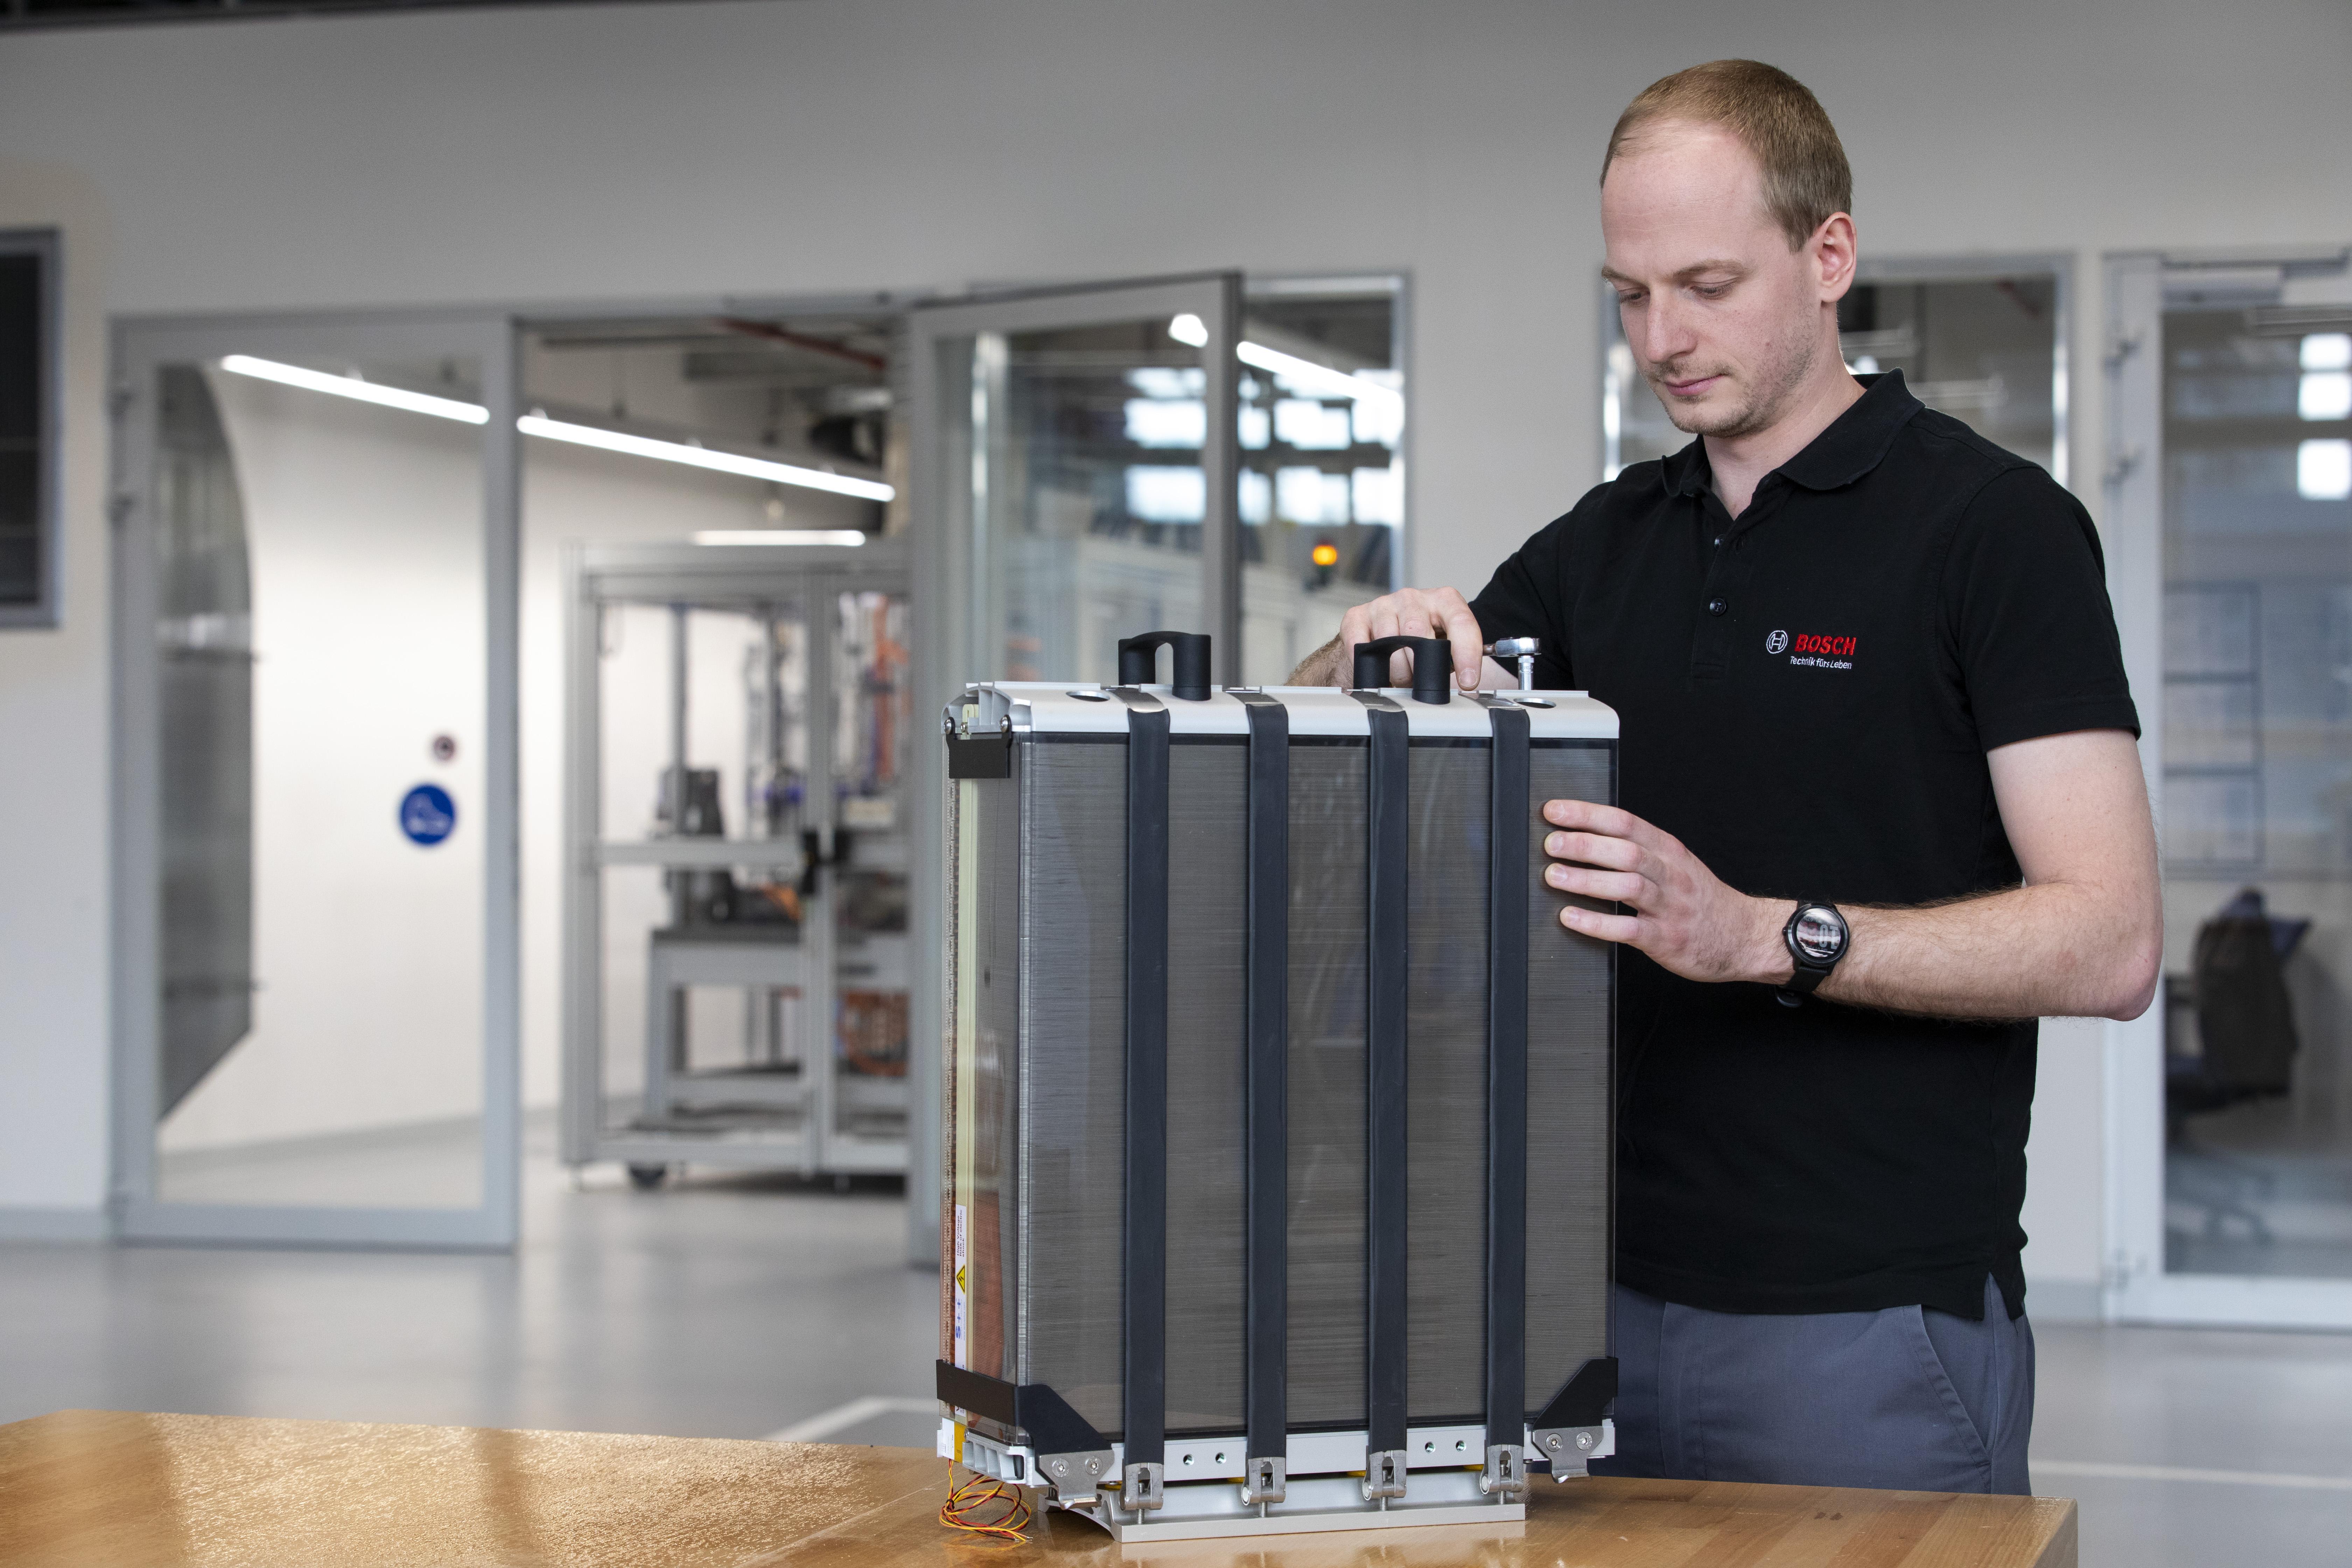 Spoločnosť Bosch spolupracuje na veľkoobjemové výrobe palivových článkov pre nákladné automobily a automobily